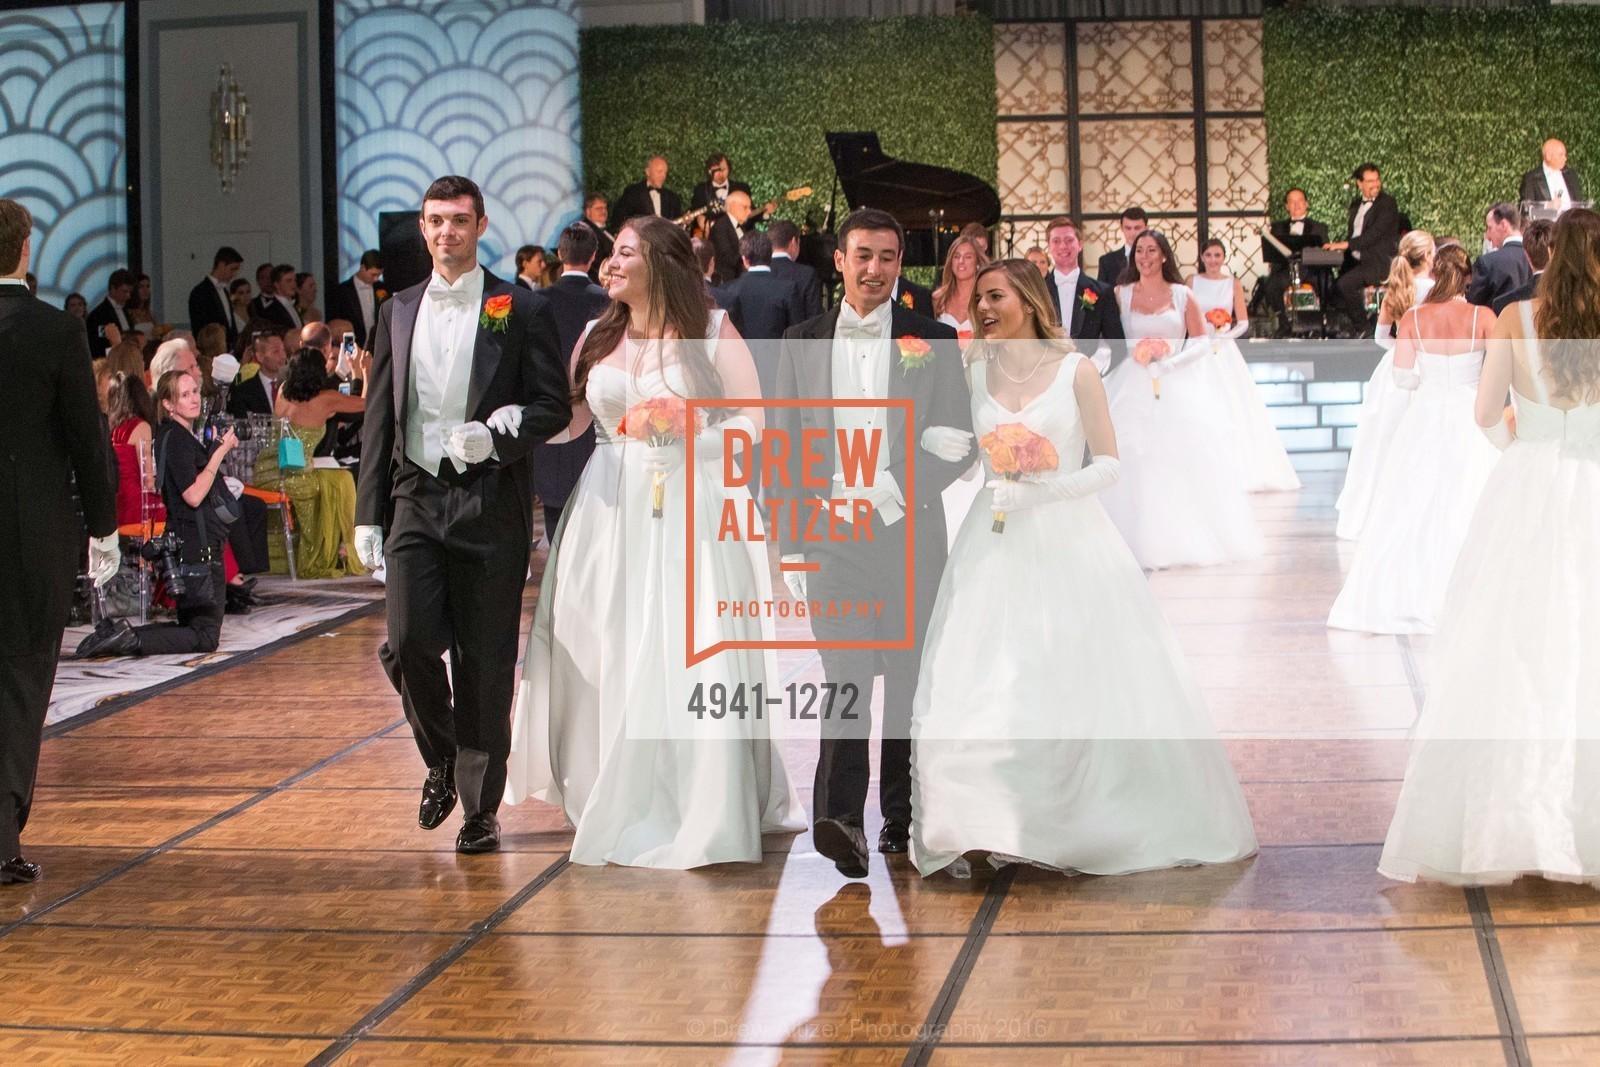 Morgan Denebeim, Madeleine Kelny Denebeim, Nathaniel Farber, Ariana Denebeim, Photo #4941-1272